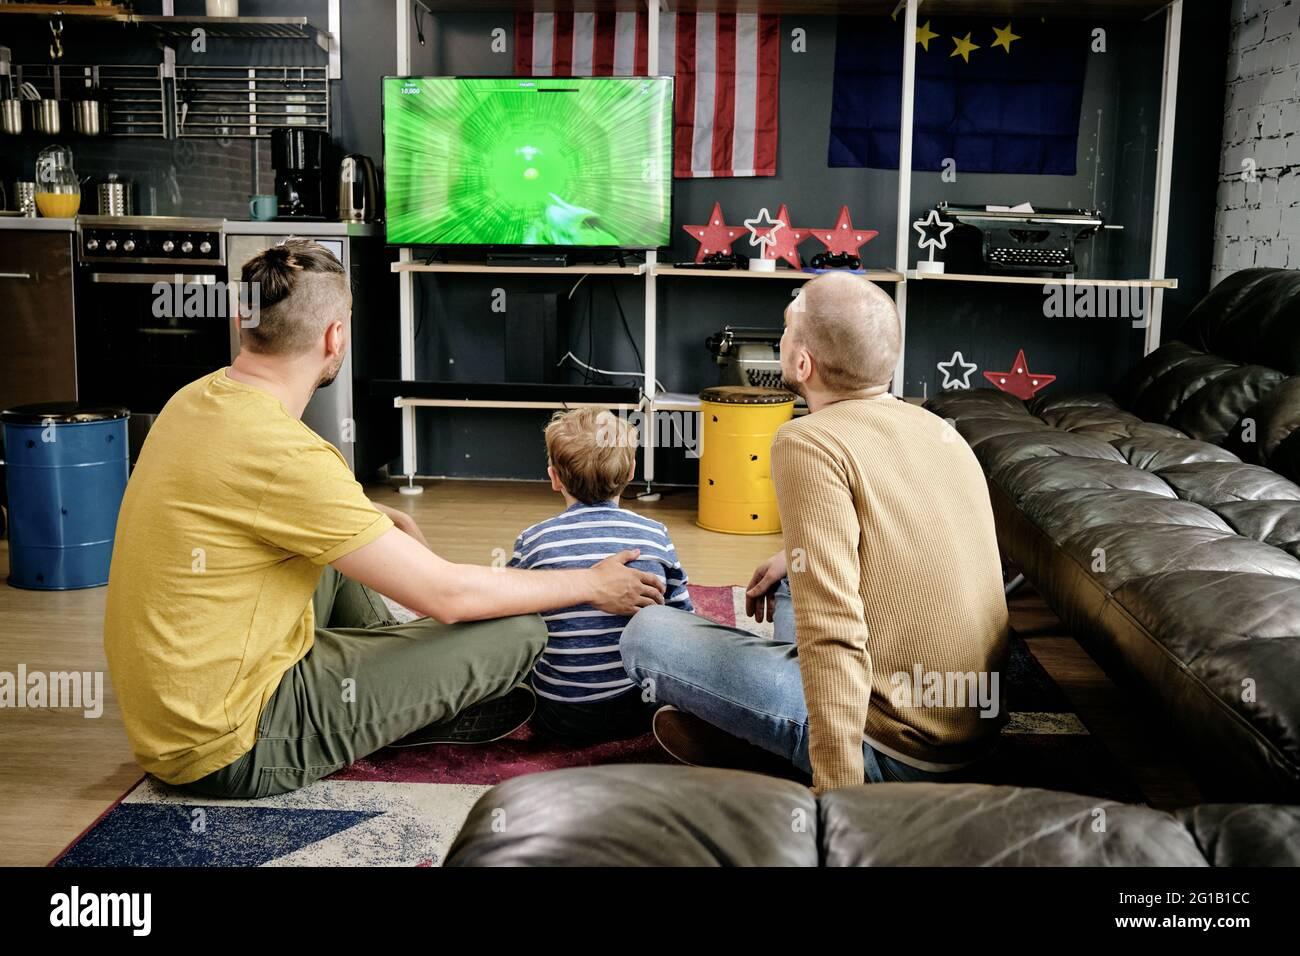 Vue arrière d'une famille de trois personnes jouant à un jeu vidéo dans le salon Banque D'Images